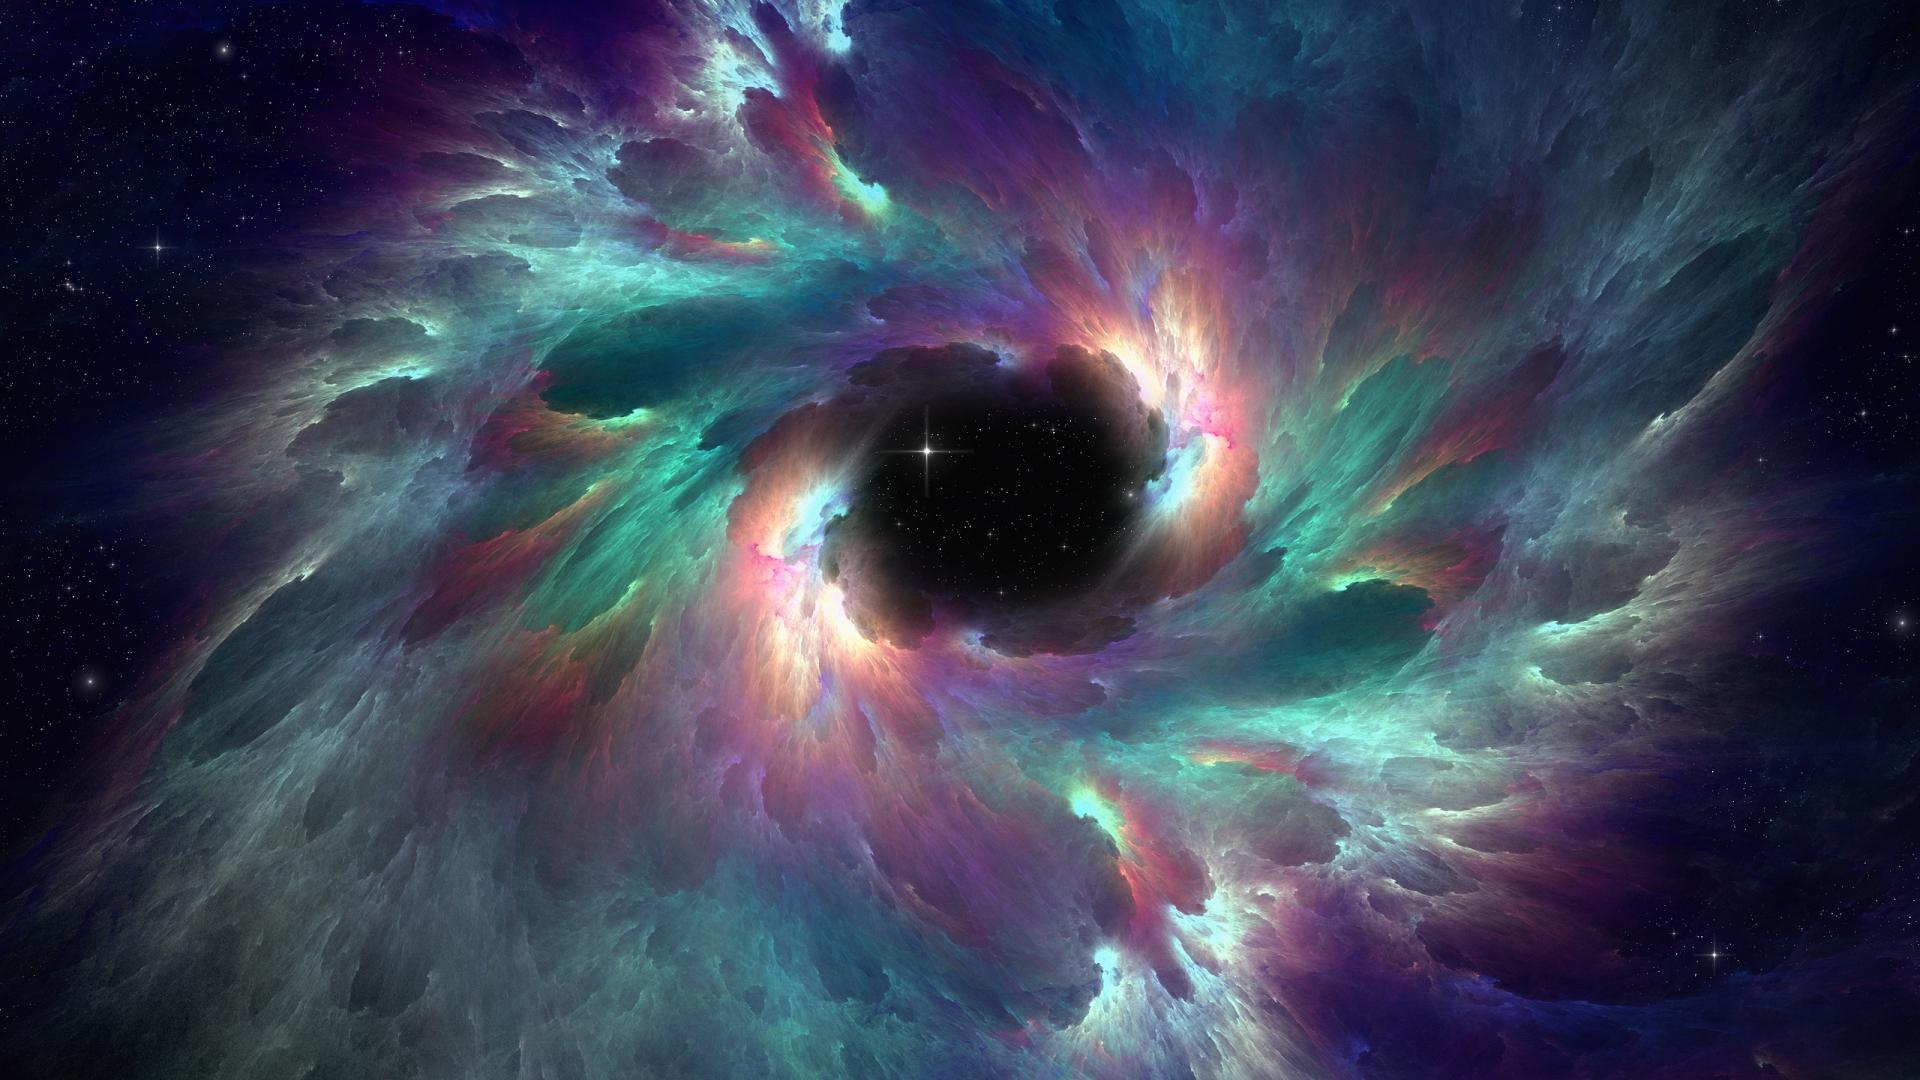 Nebula Wallpaper HD   Pics about space 1920x1080